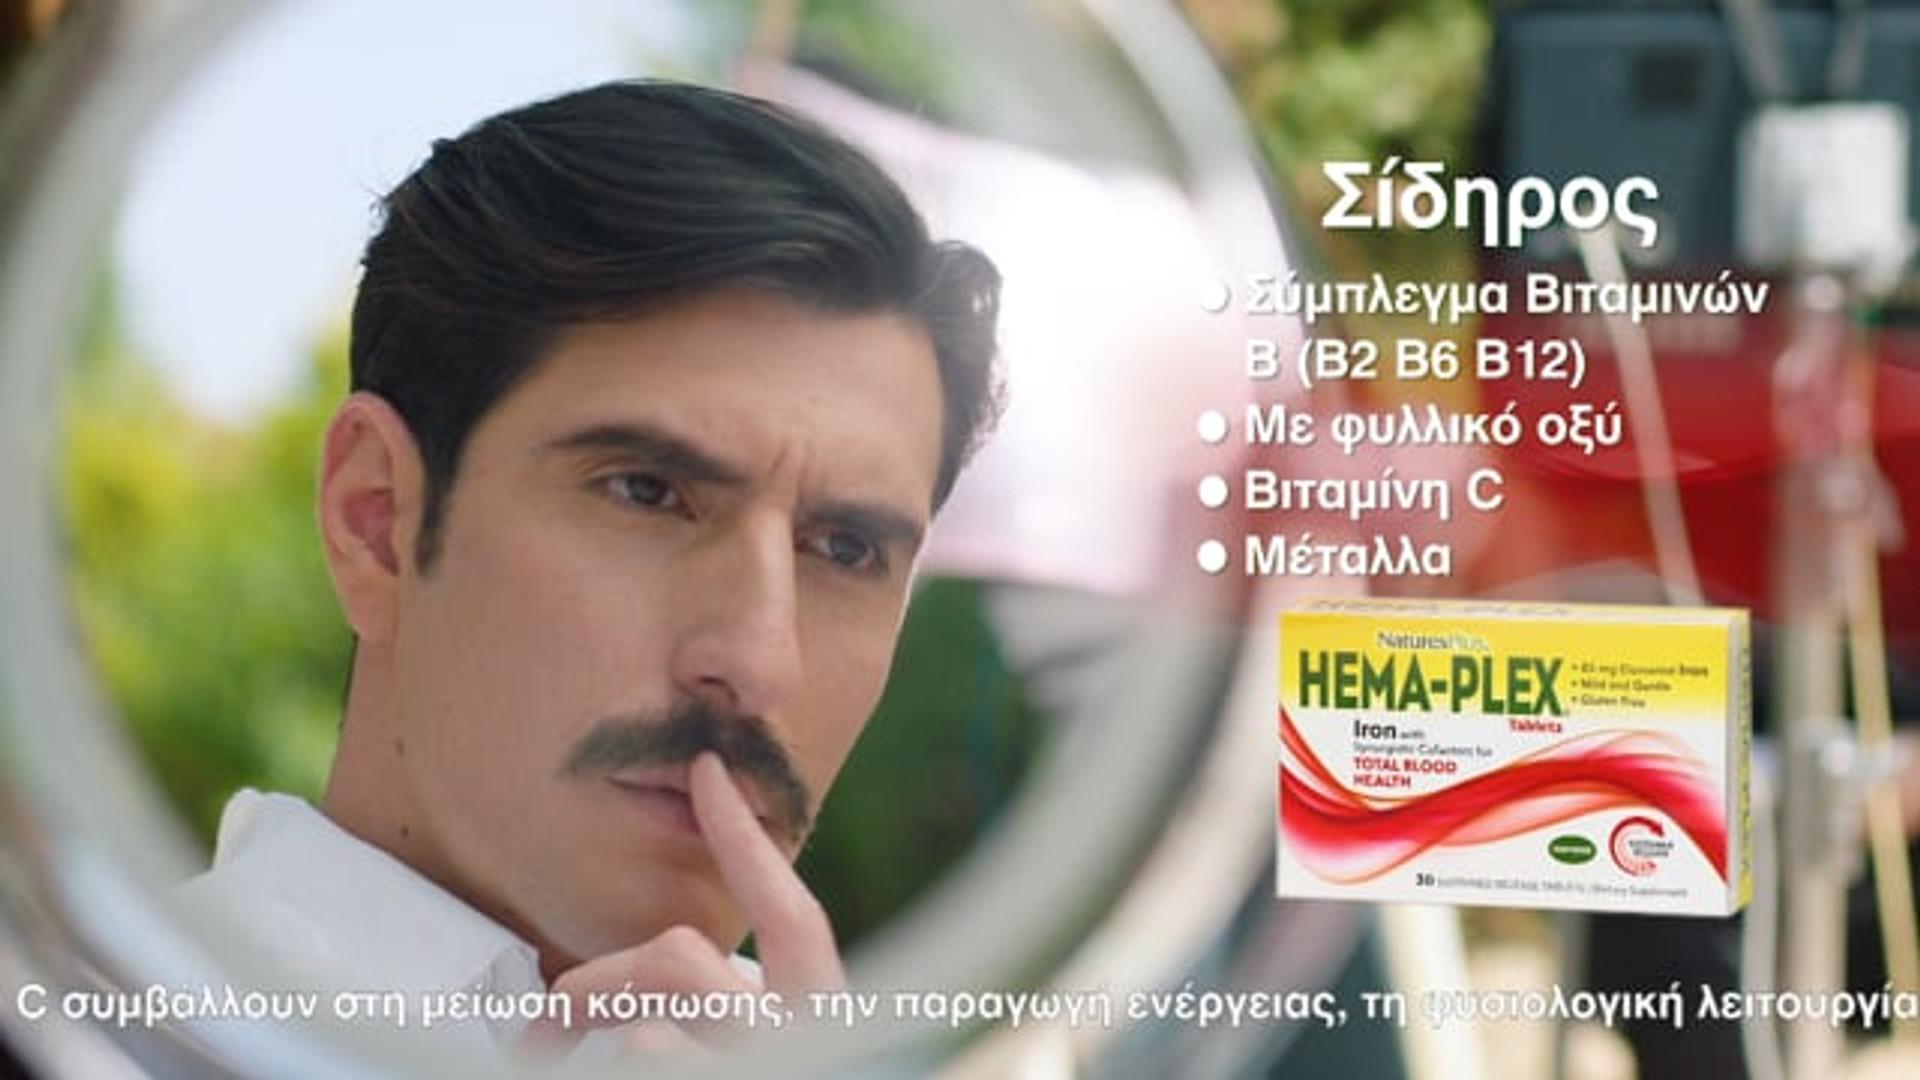 Hemaplex TVC with Giorgos Gerontidakis